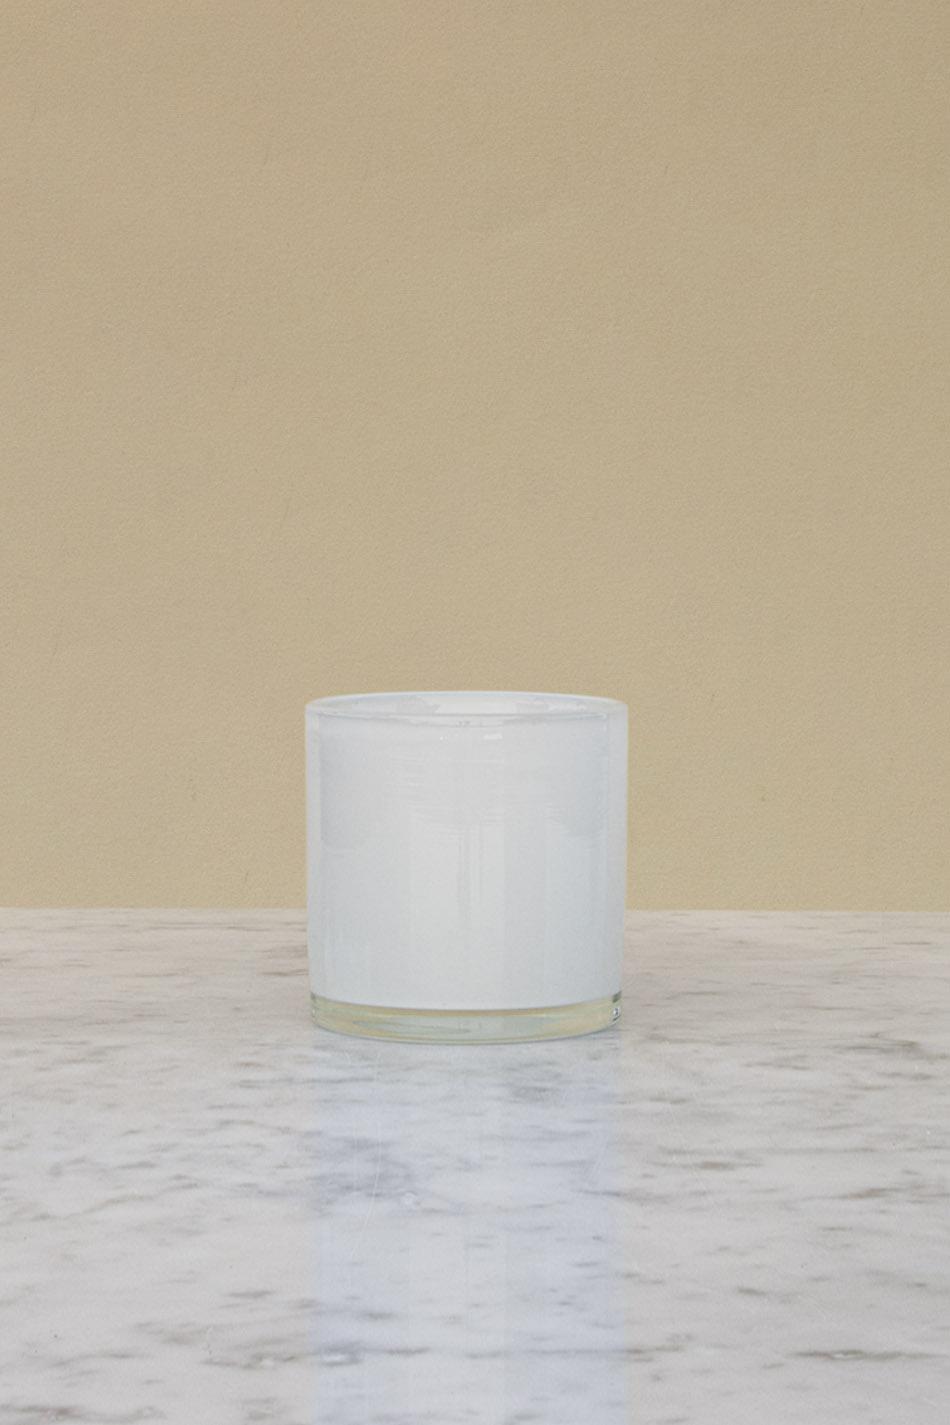 JUJD Ljushållare White Large